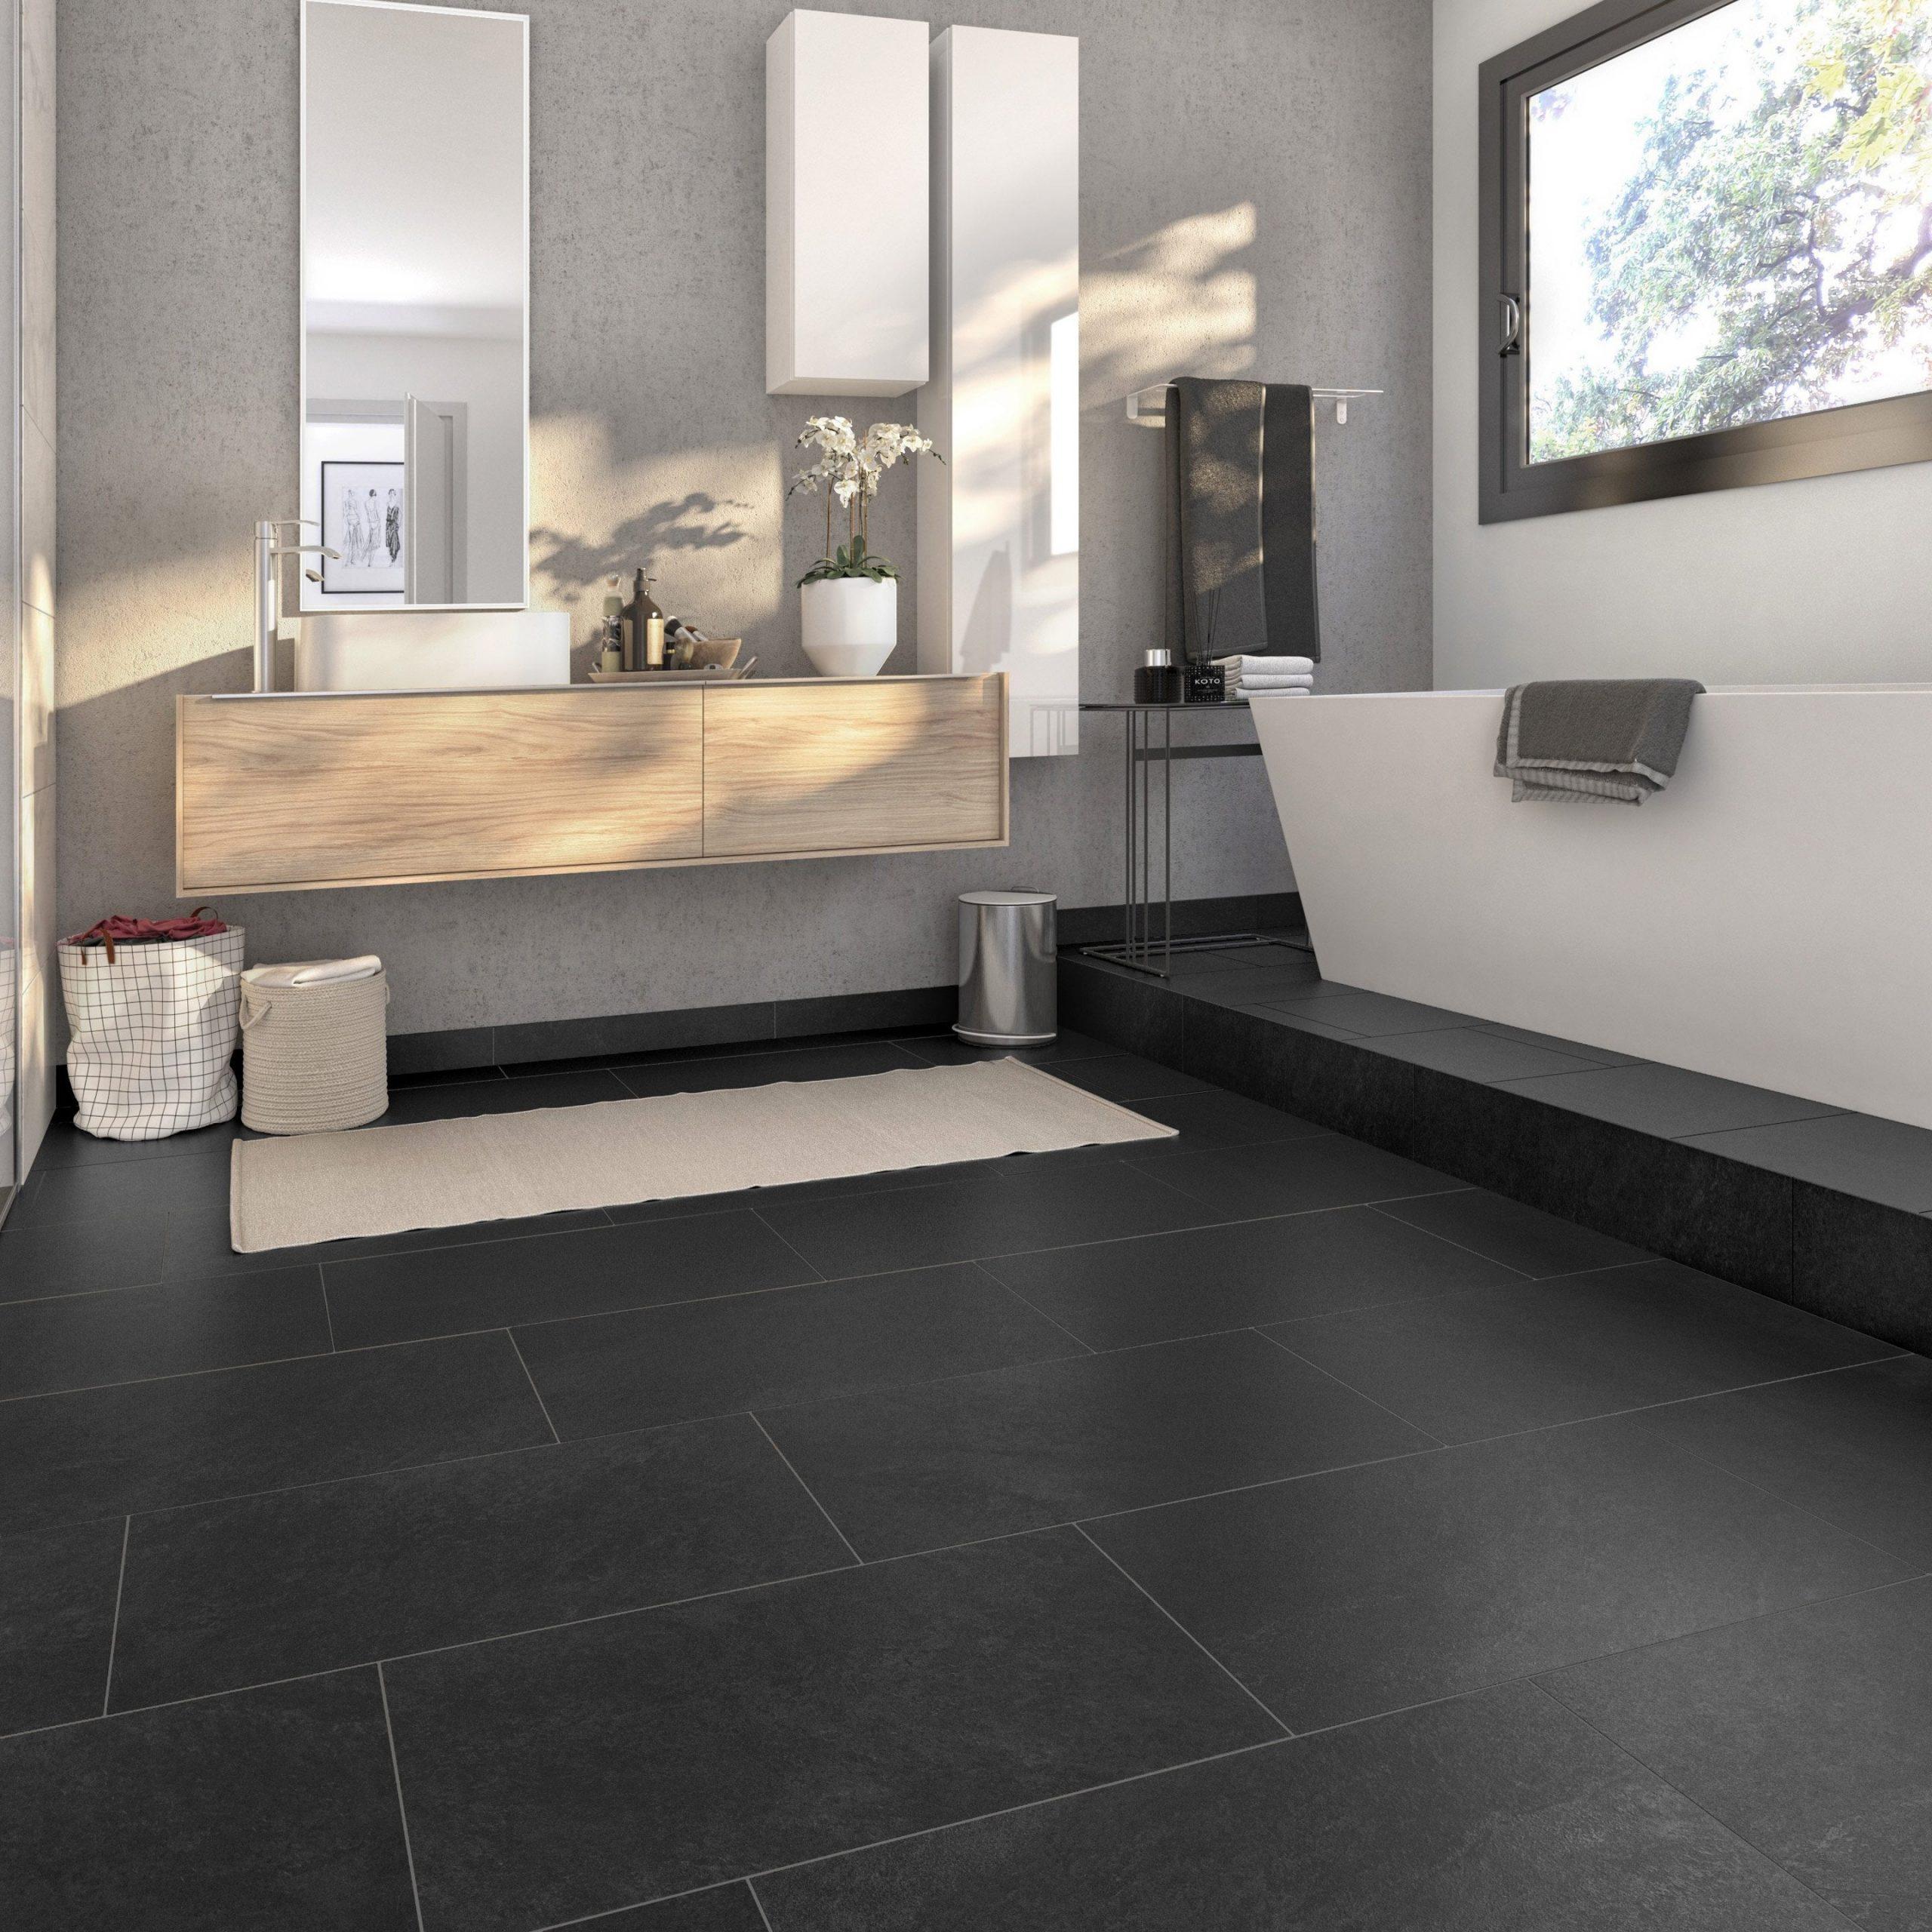 Carrelage Sol Et Mur Forte Effet Pierre Noir Quartzite L.30 ... intérieur Carrelage Colorata Noir